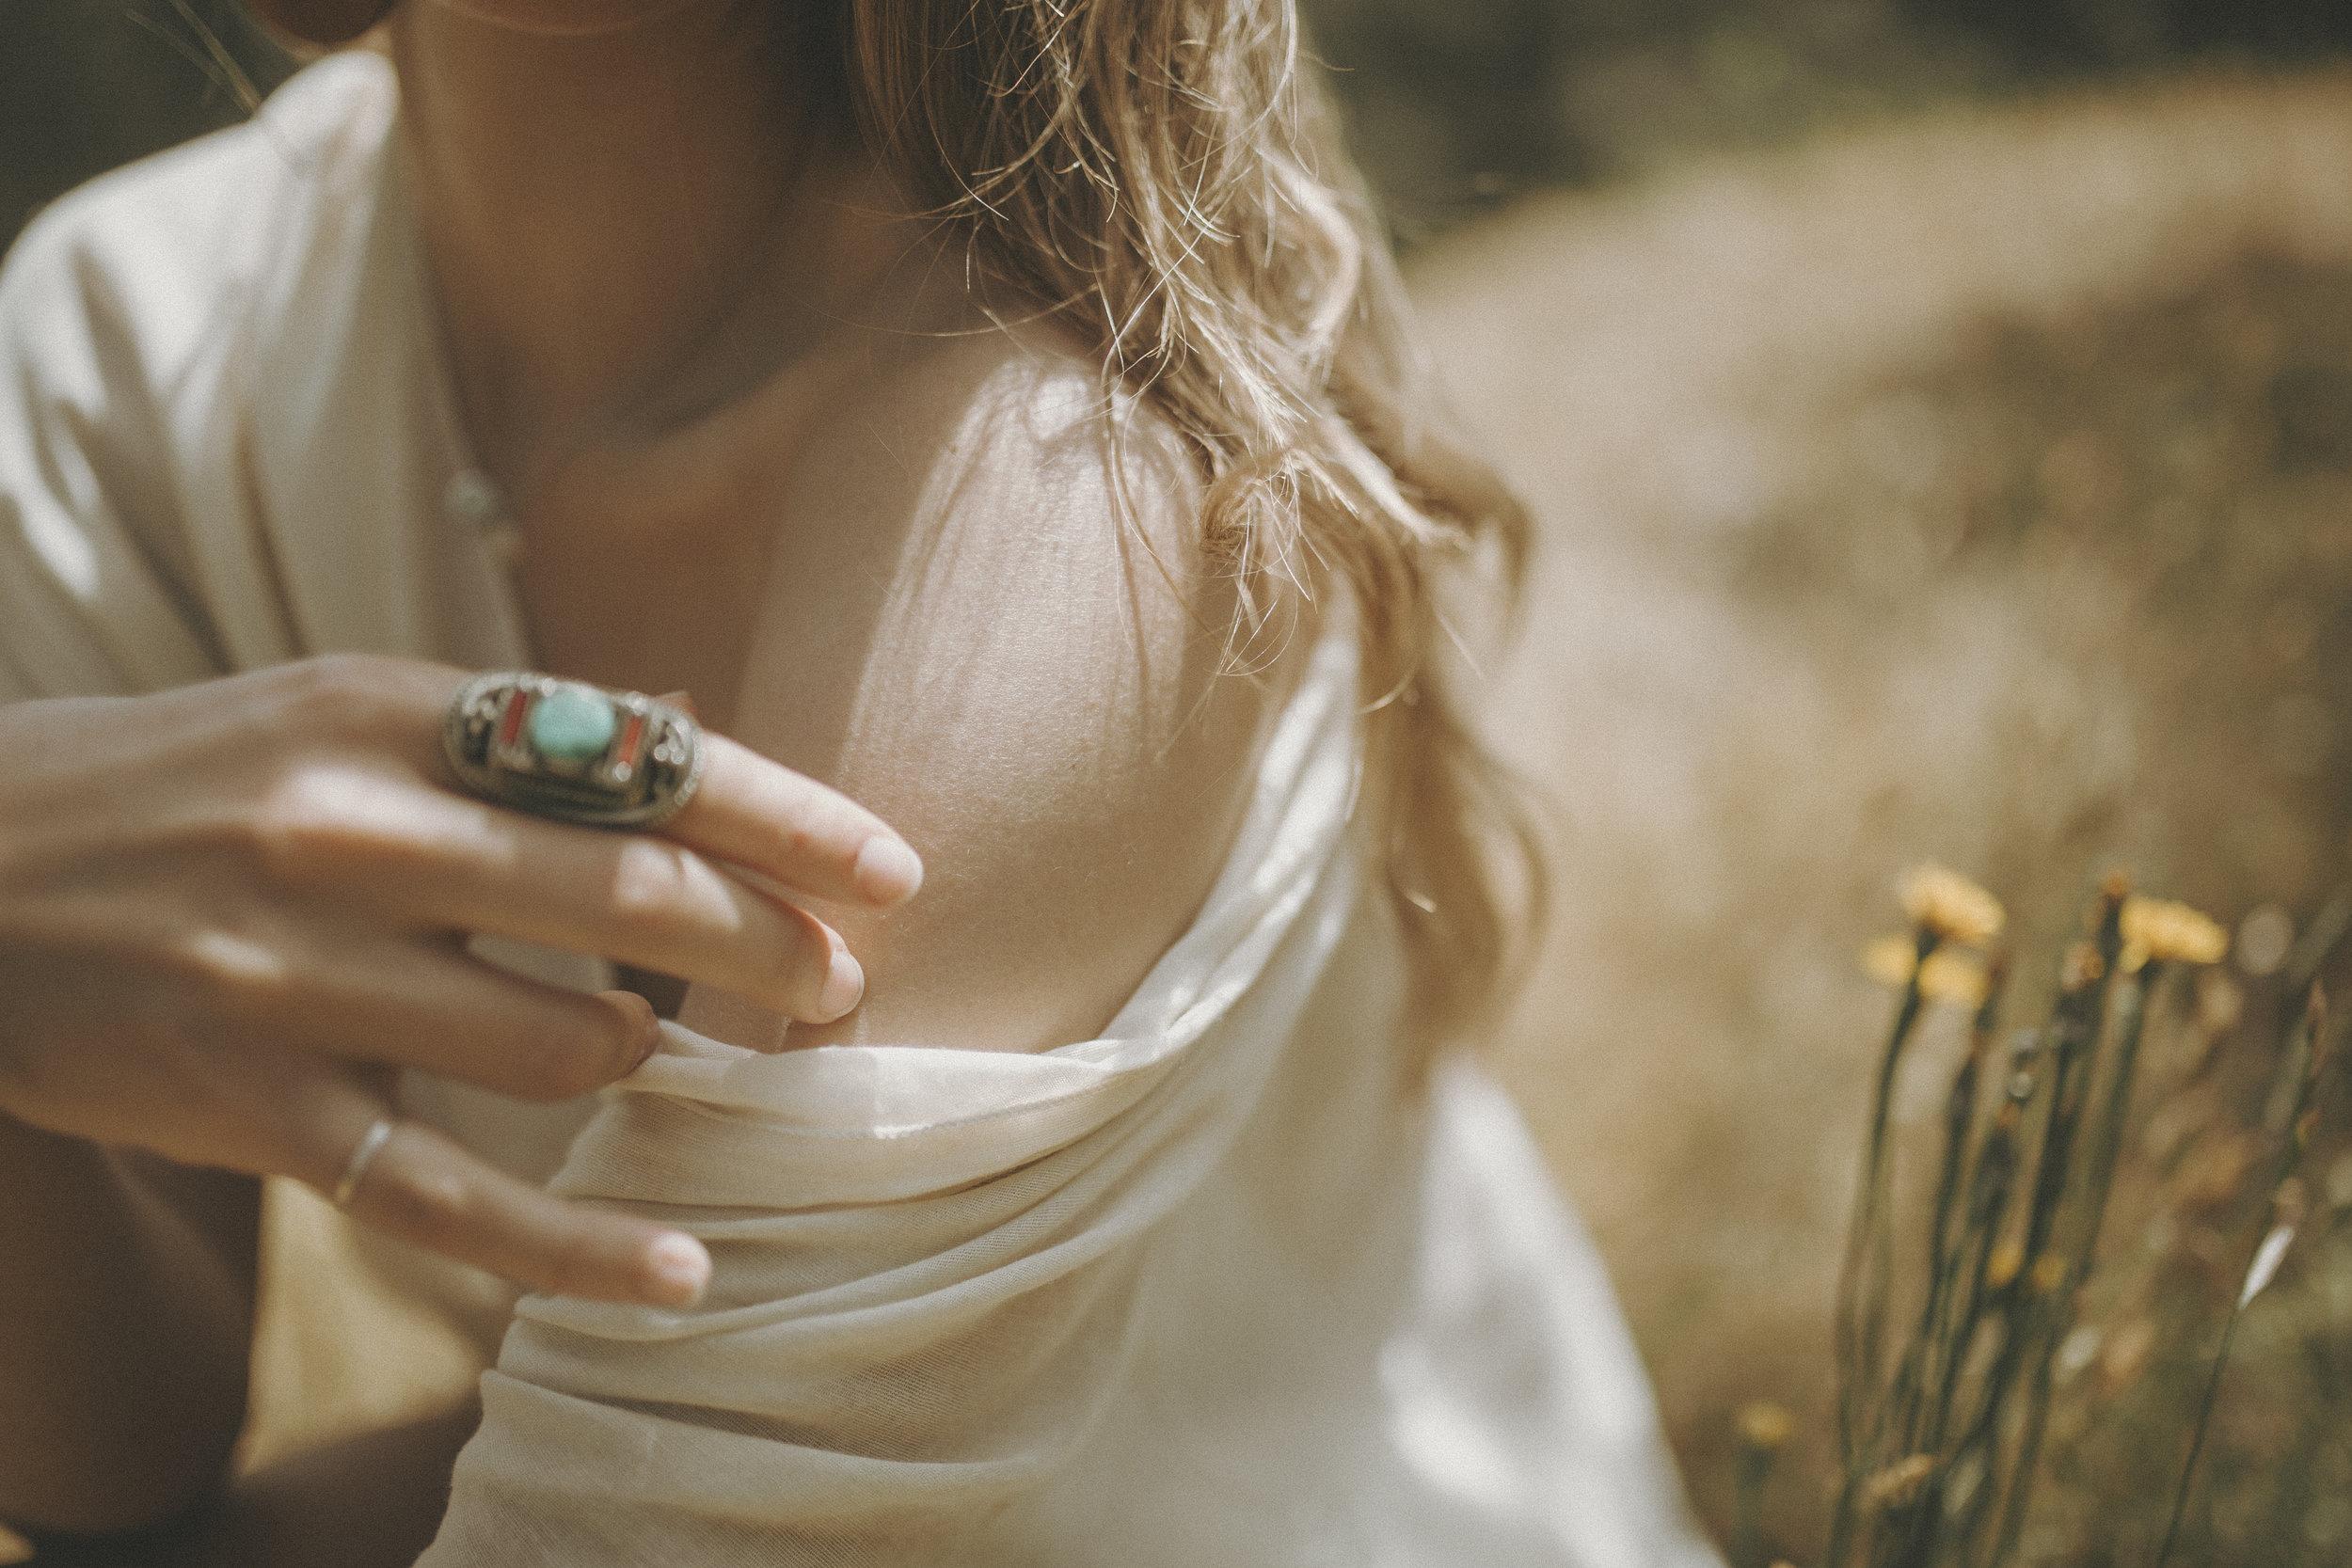 healinghands-116.jpg